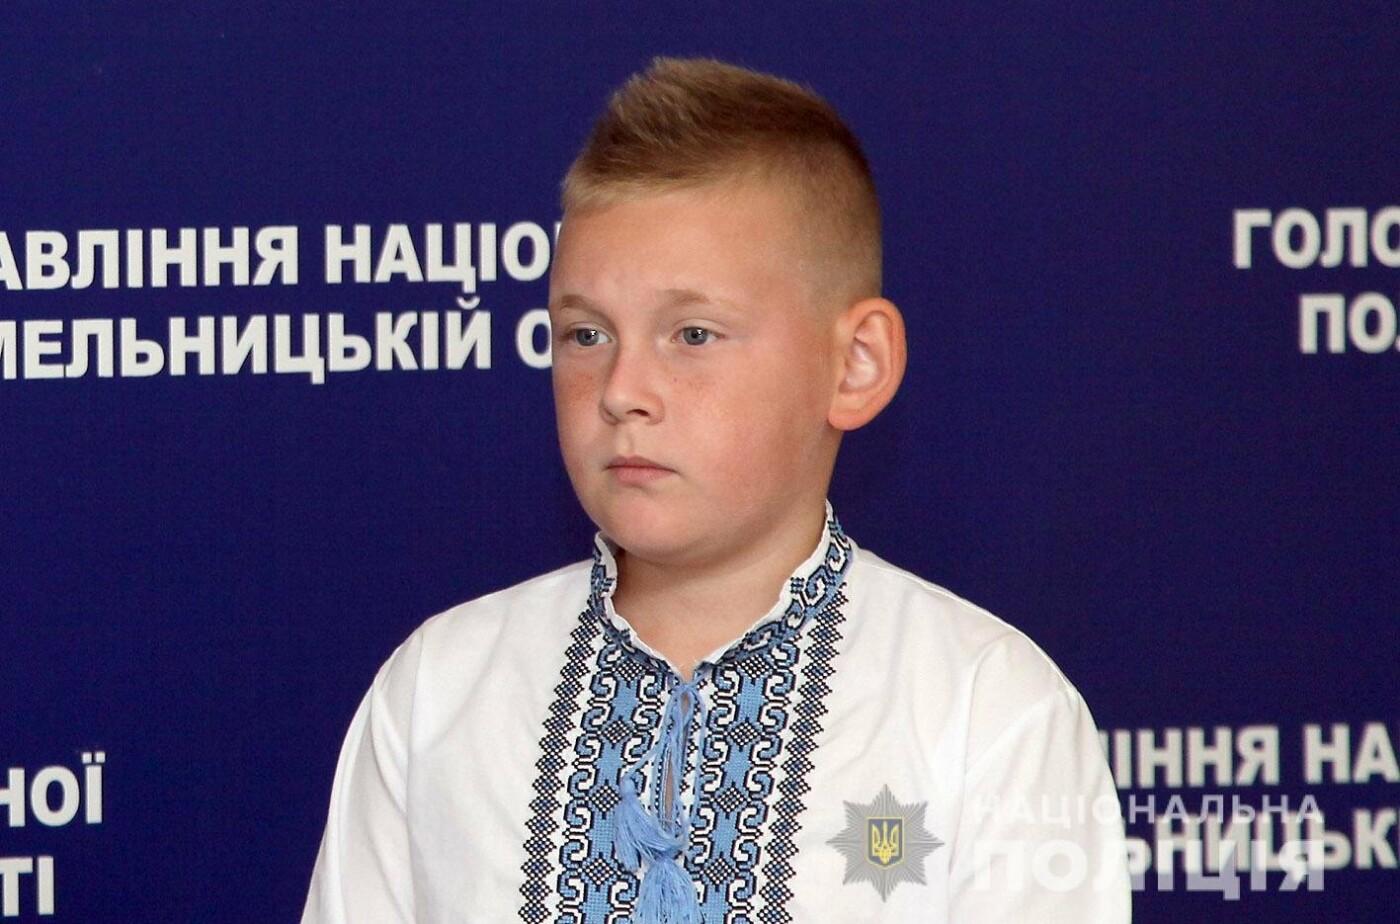 Хмельницькі правоохоронці нагородили відзнакою 13-річного хлопчика (фото, відео), фото-1